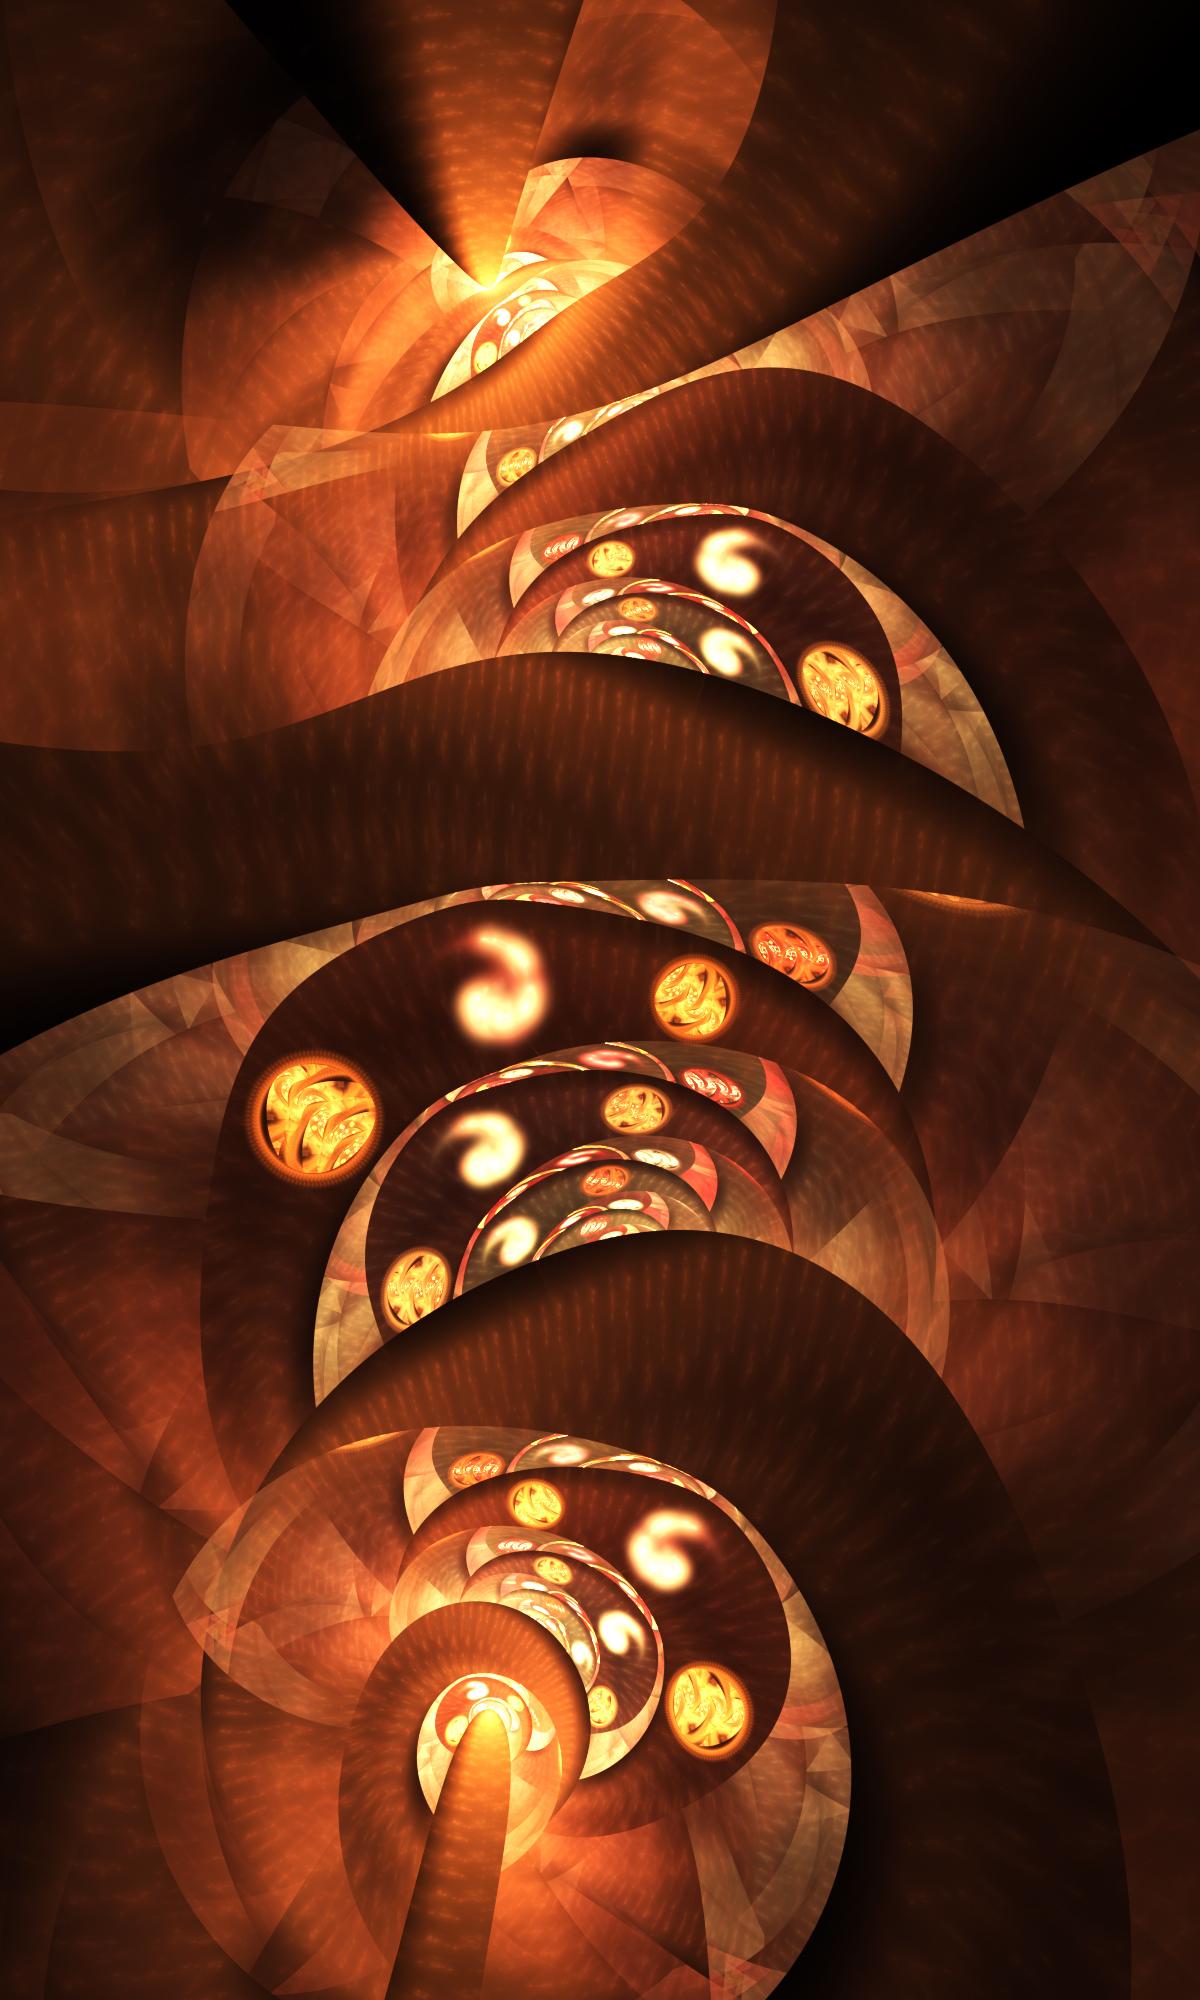 Archaic Vortex by TwilightAmbiance